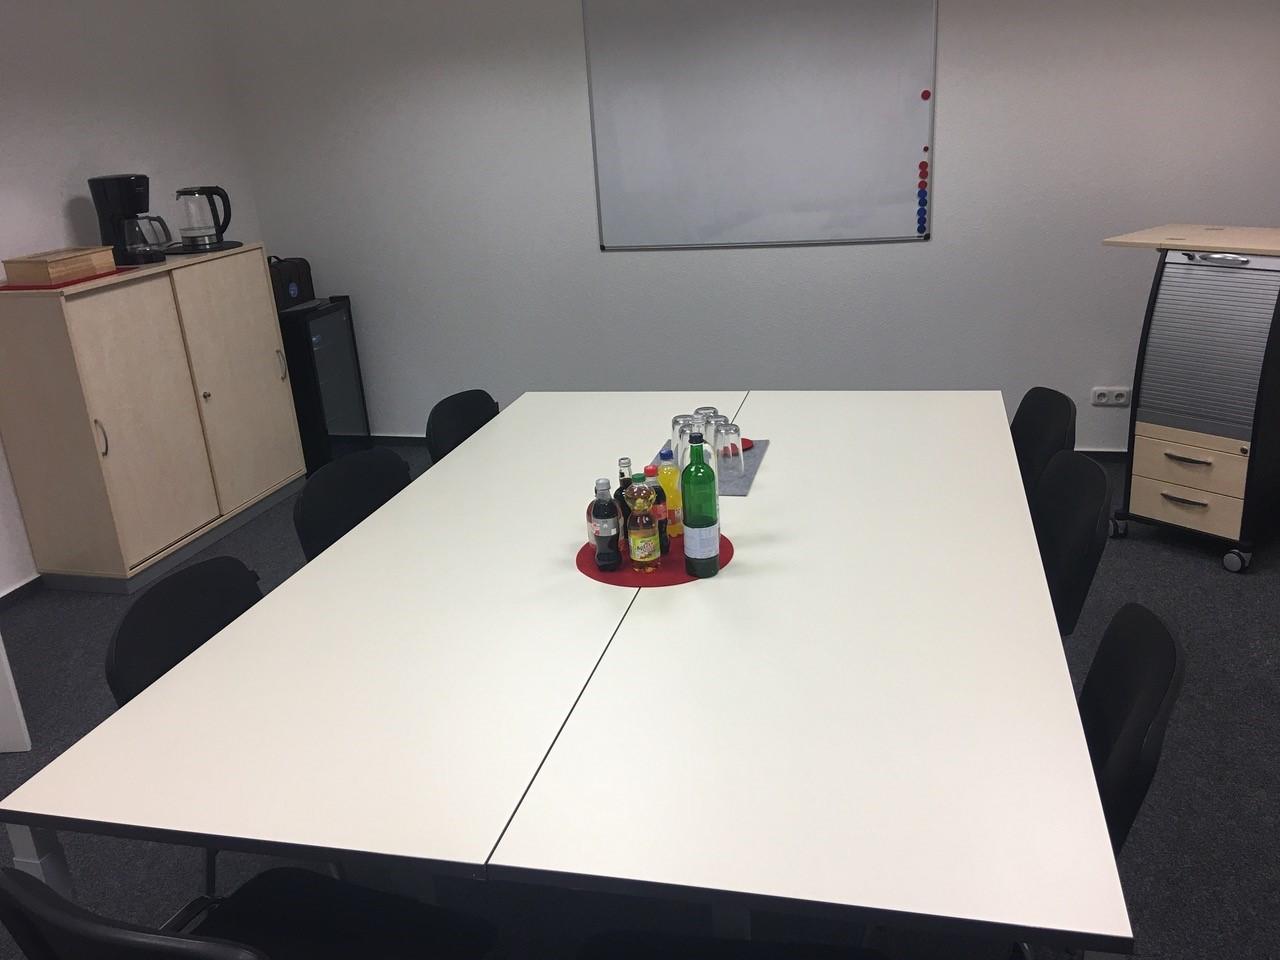 Secjura Besprechungsraum geleifert von der idealbüro GmbH